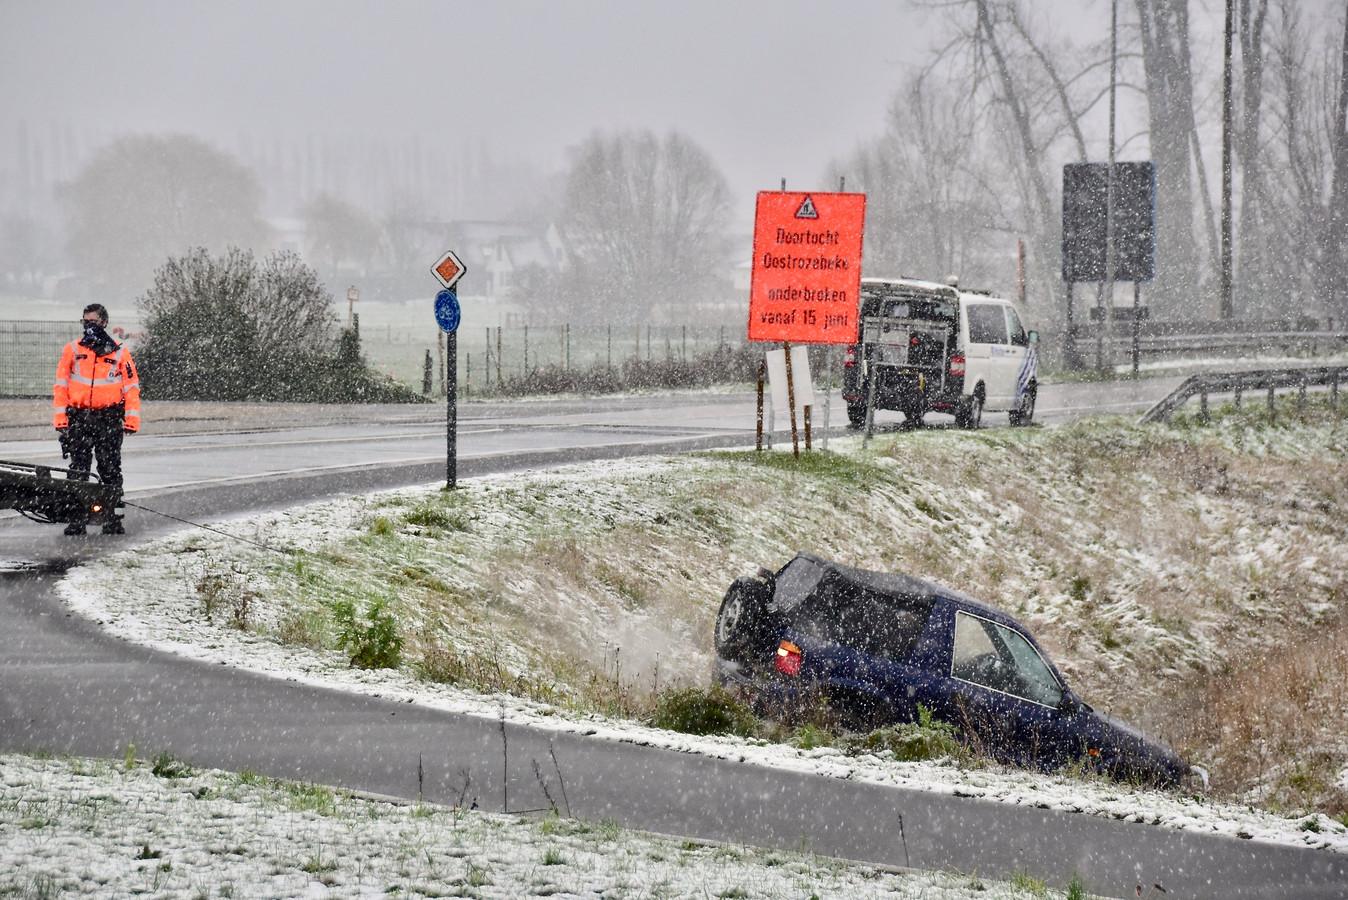 De Kia Sportage raakte van de Ingelmunstersteenweg in Oostrozebeke af, schoof over het gladde vrijliggend fietspad en gleed de gracht in.